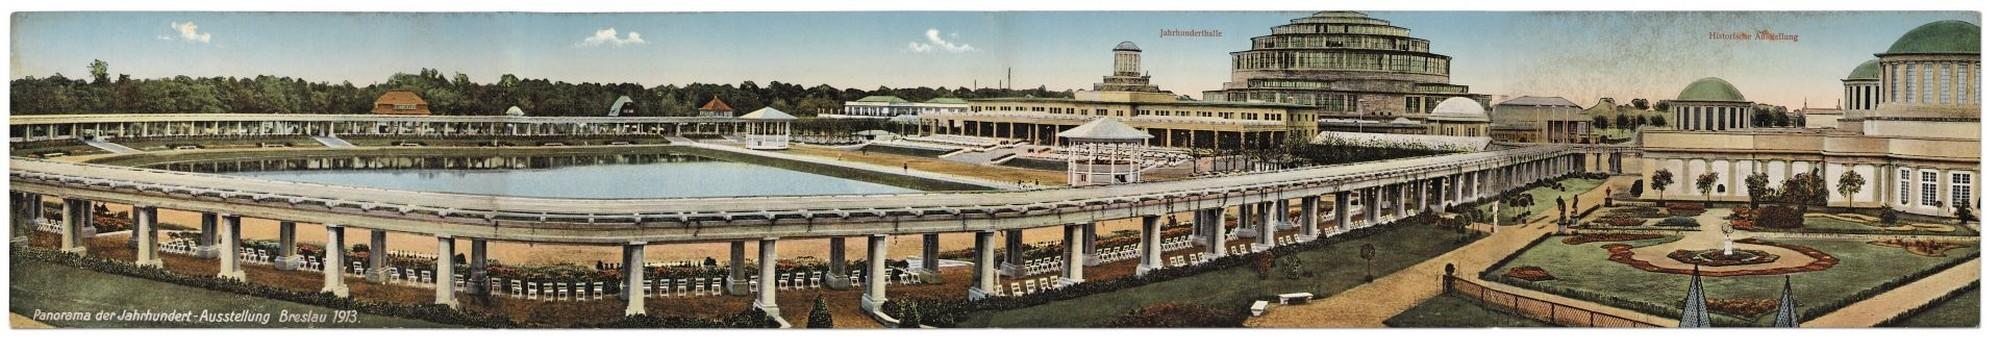 Zdjęcie panoramiczne (horyzontalne czteroczęściowe) Wystawy Stulecia 1913 roku (źródło: materiały prasowe organizatora)